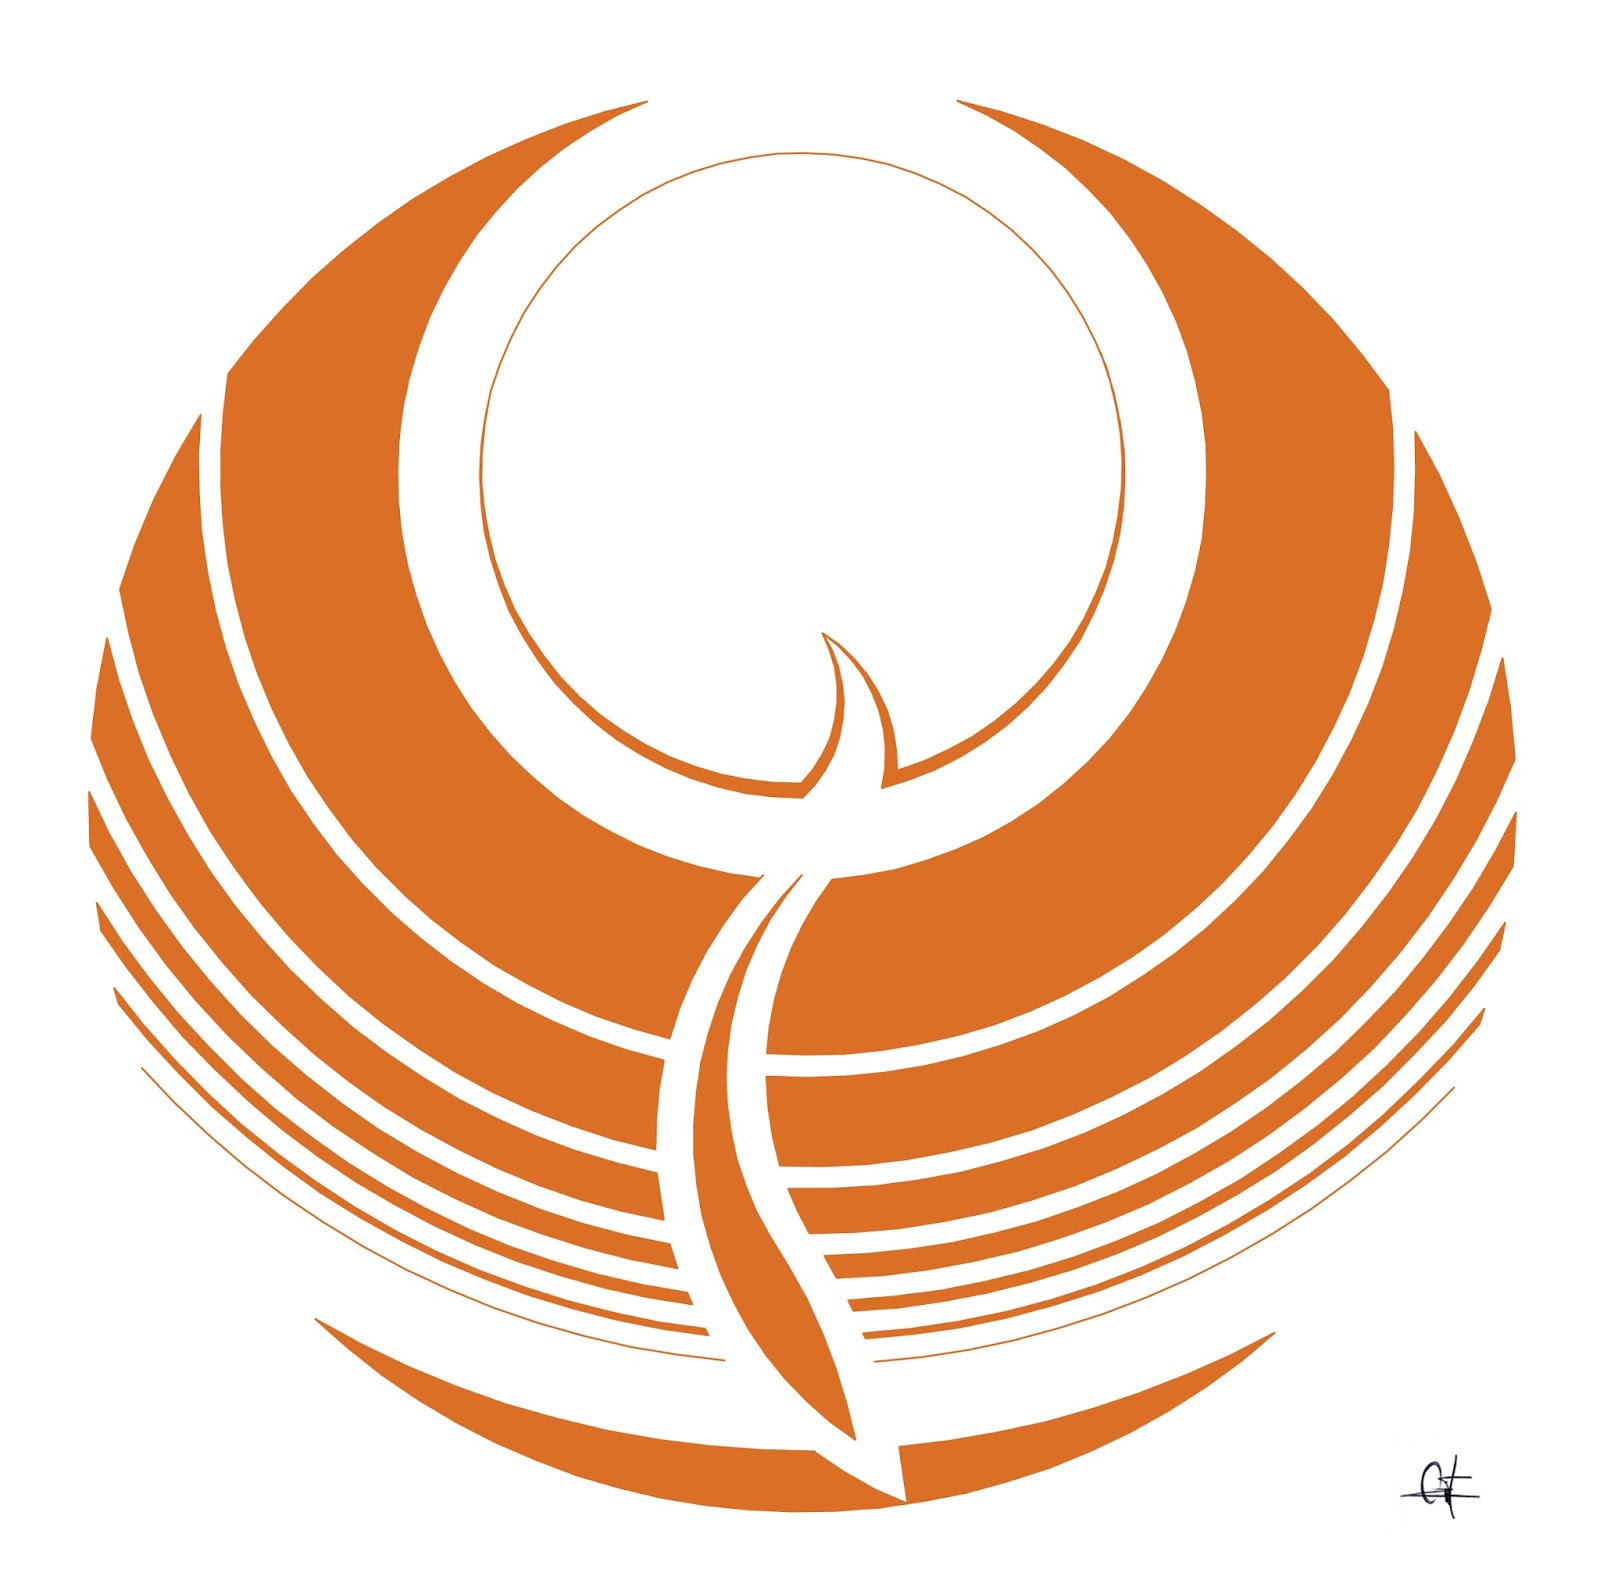 1600x1594 Arabesko Dibujo Vectorial Logotipo .vector Logo